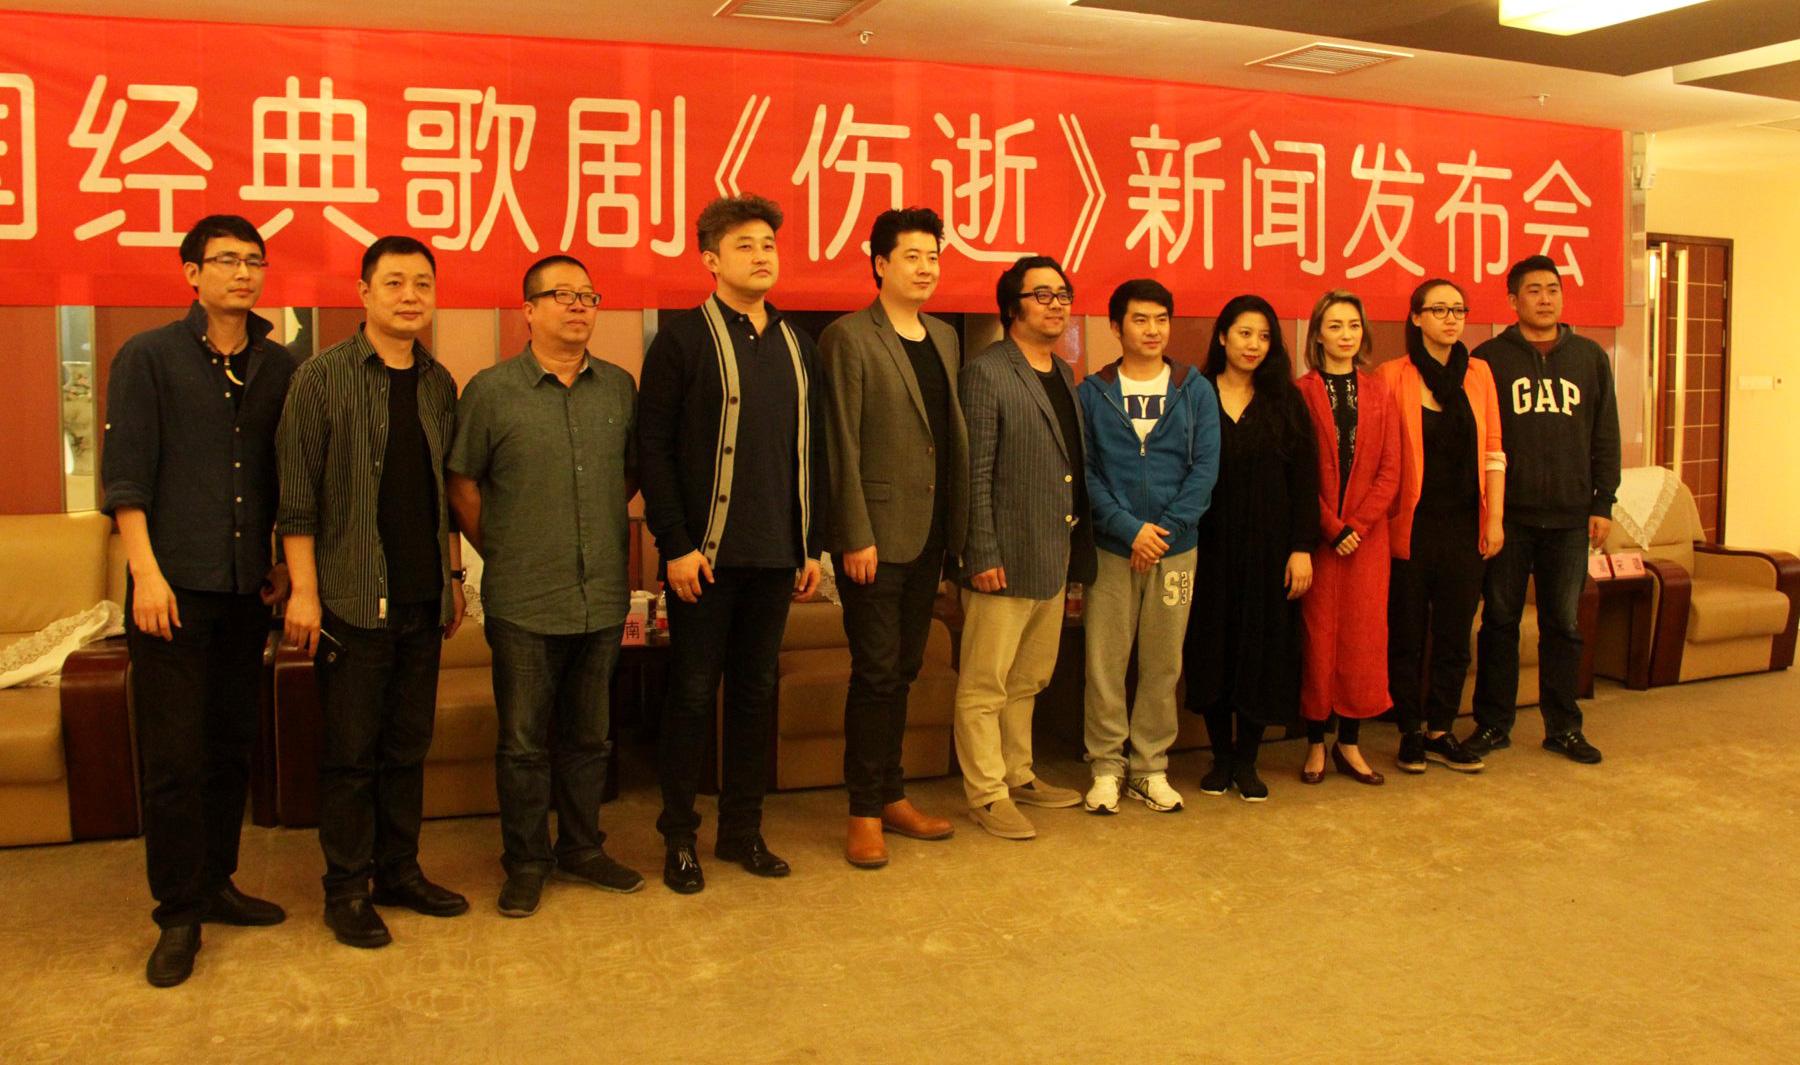 東南網 中國經典歌劇《傷逝》復排24日在福建大劇院首演